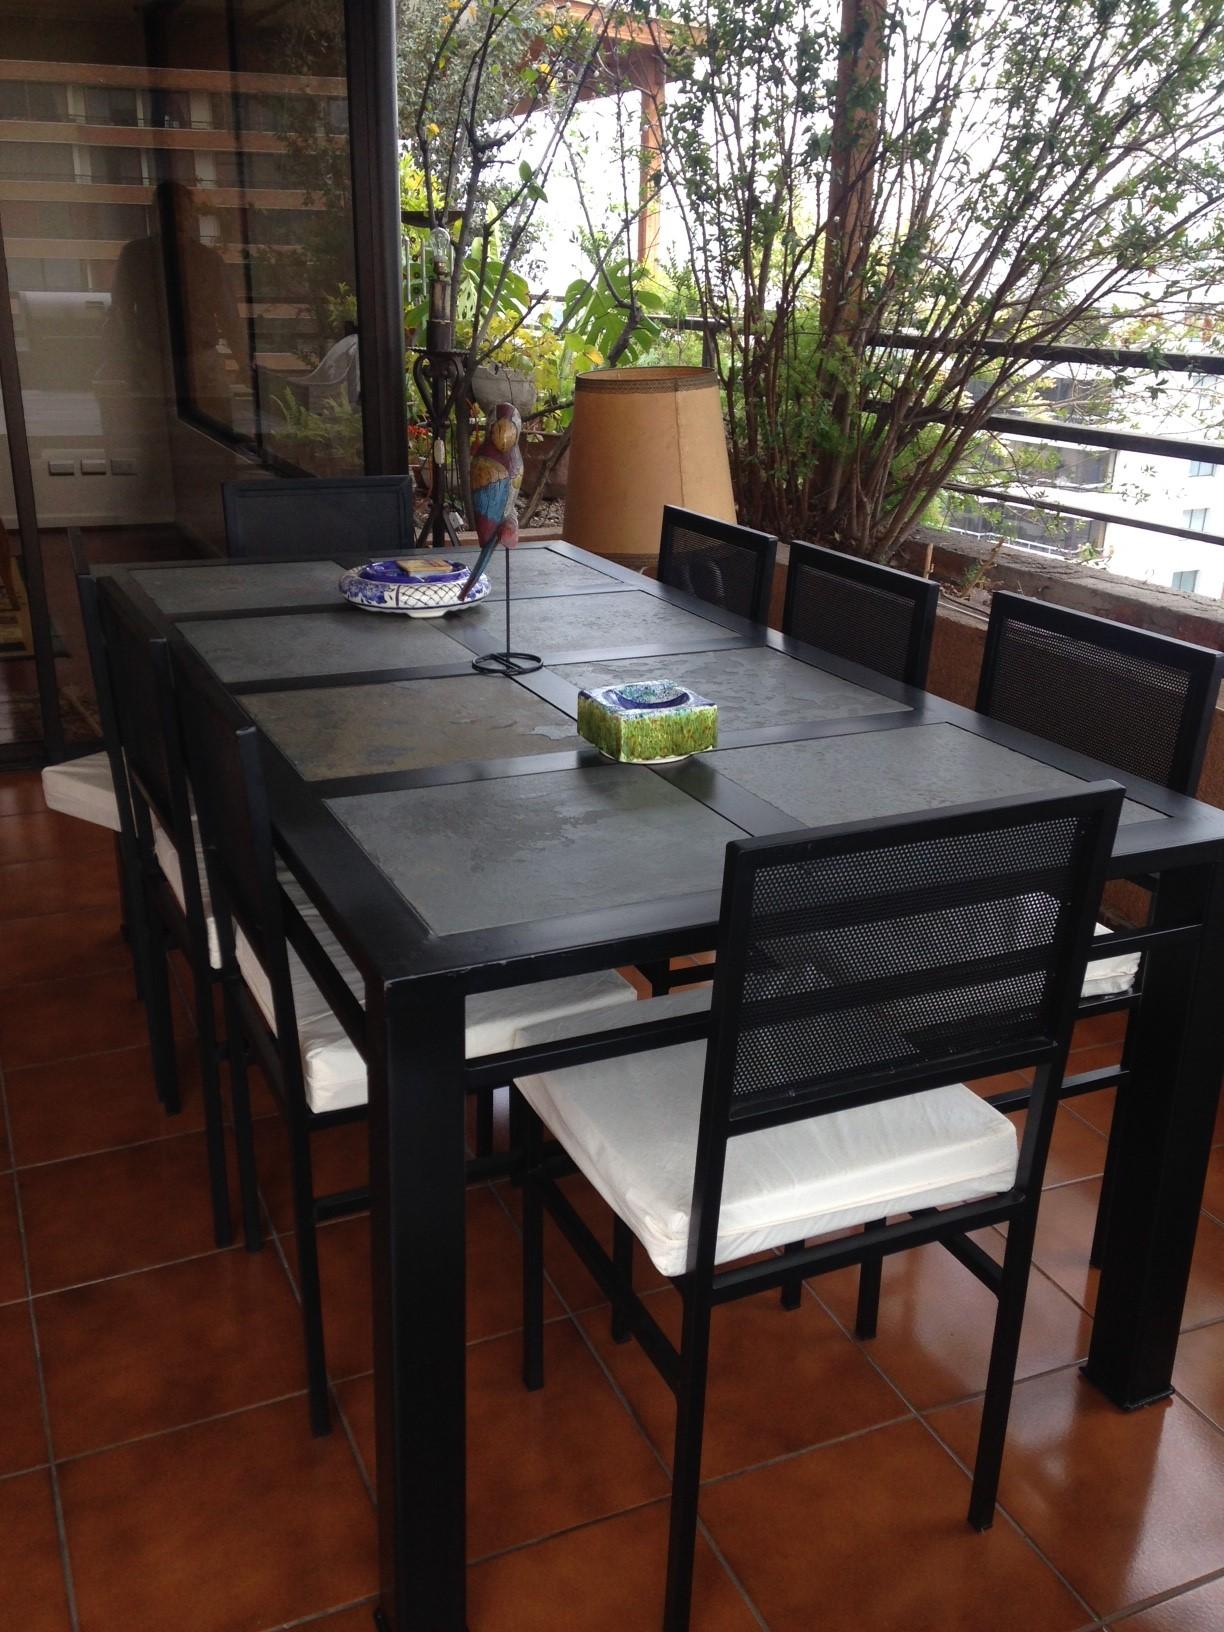 Comedor de fierro modelo puente alto 8 sillas rusti home for Comedor 10 personas